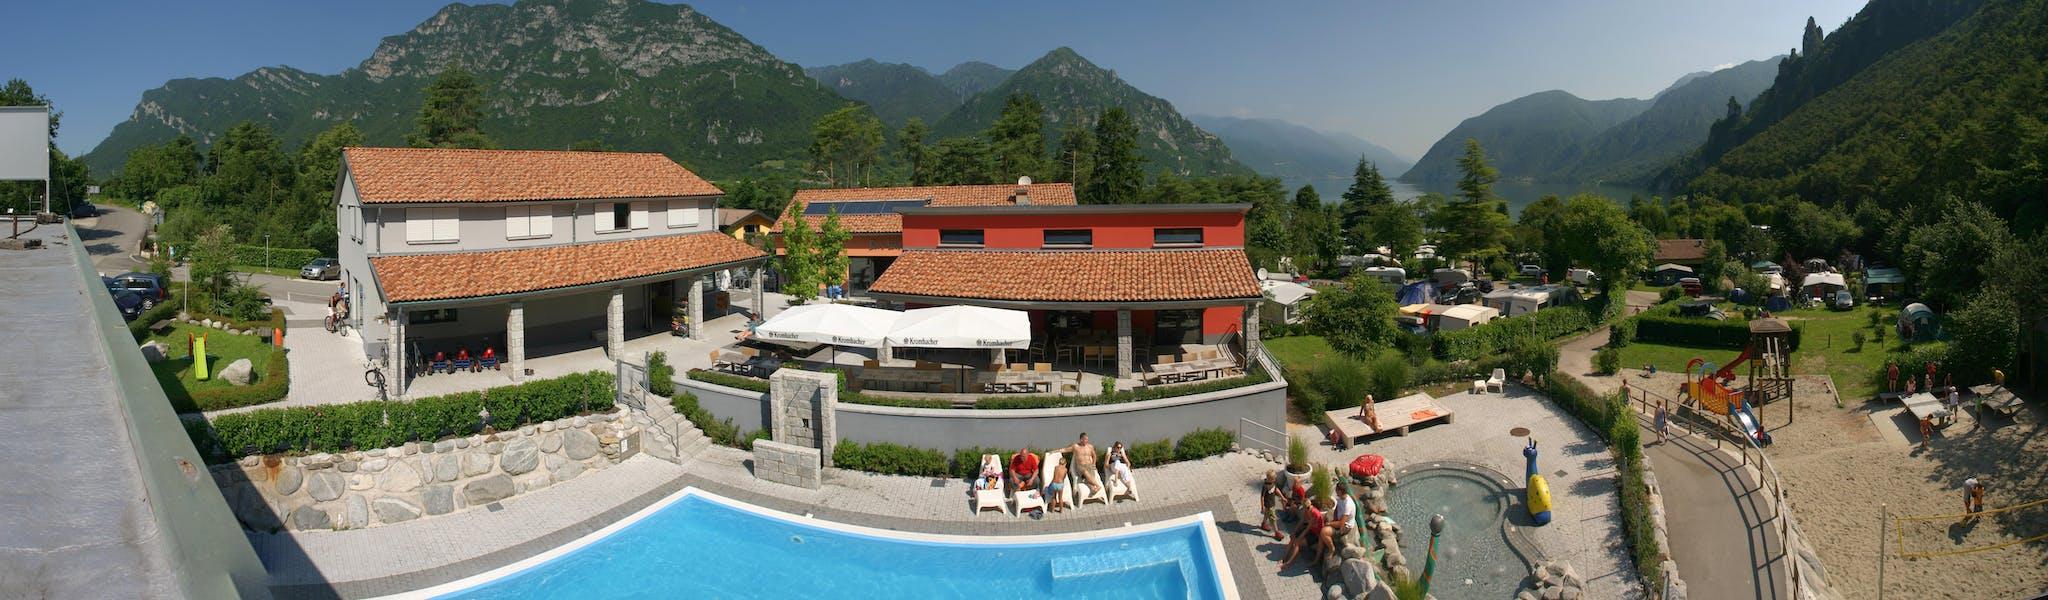 Zwembad en terras camping Rio Vantone